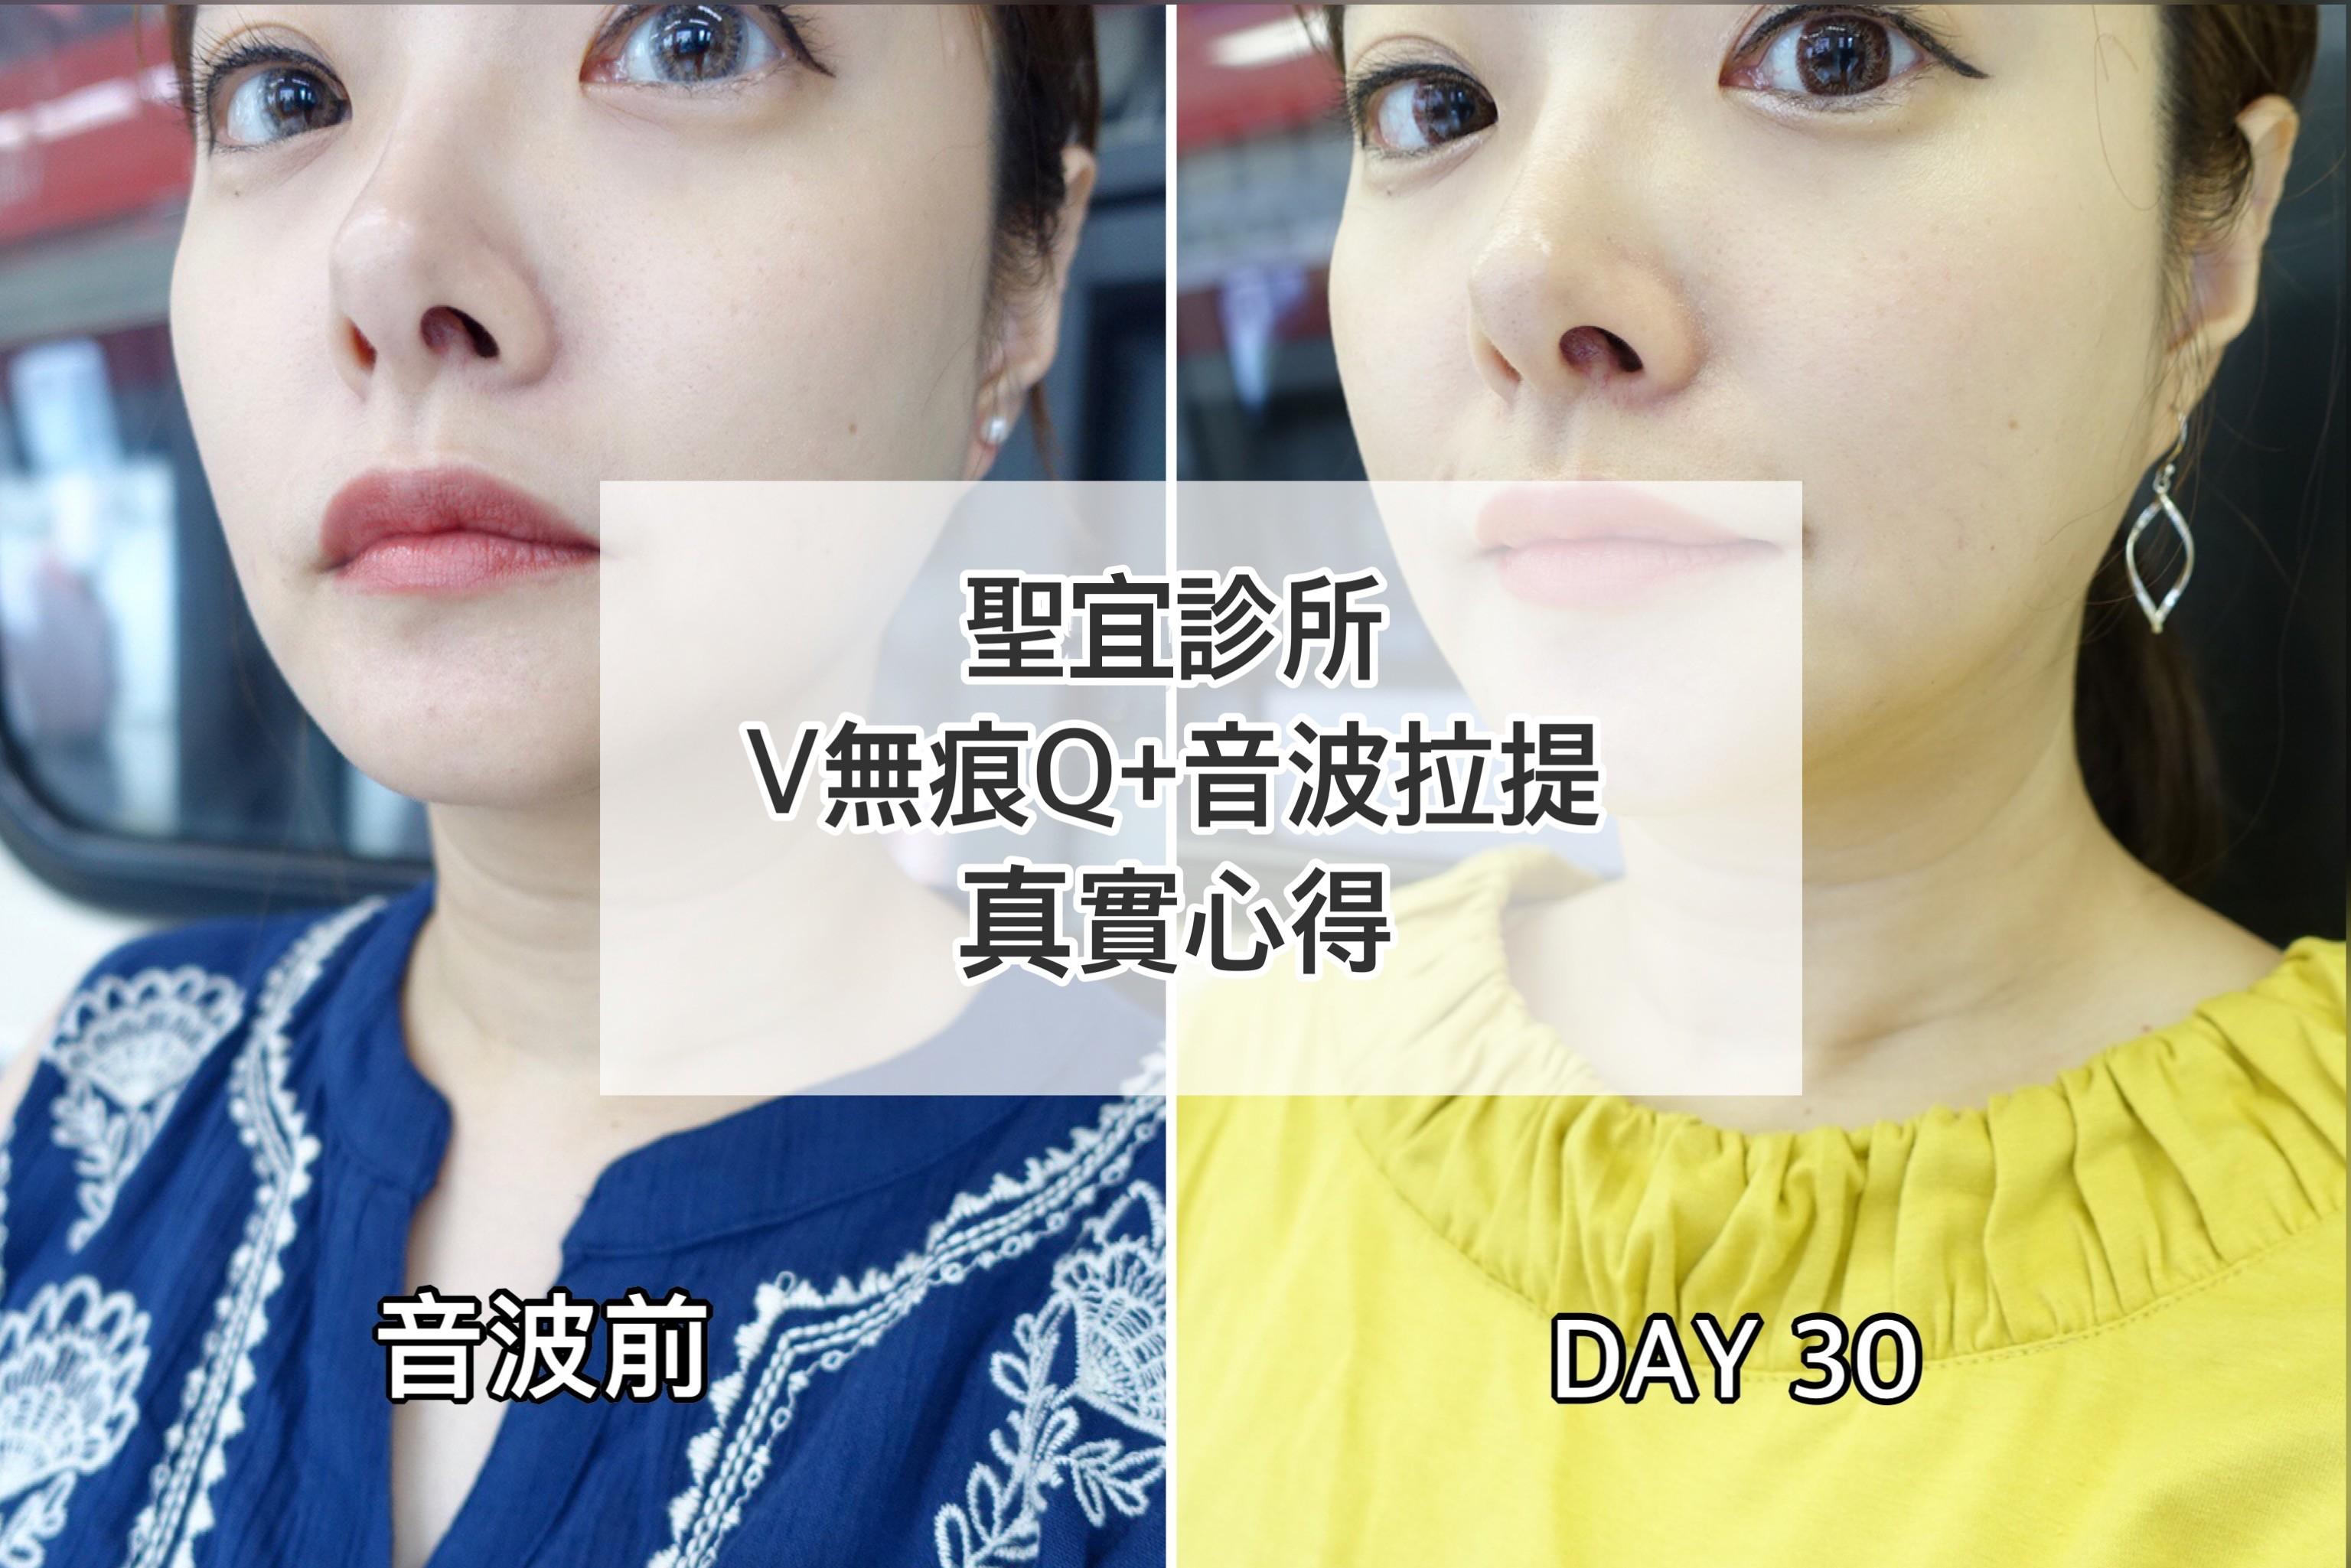 延伸閱讀:☆【醫美】聖宜診所-V無痕Q+音波拉提全記錄